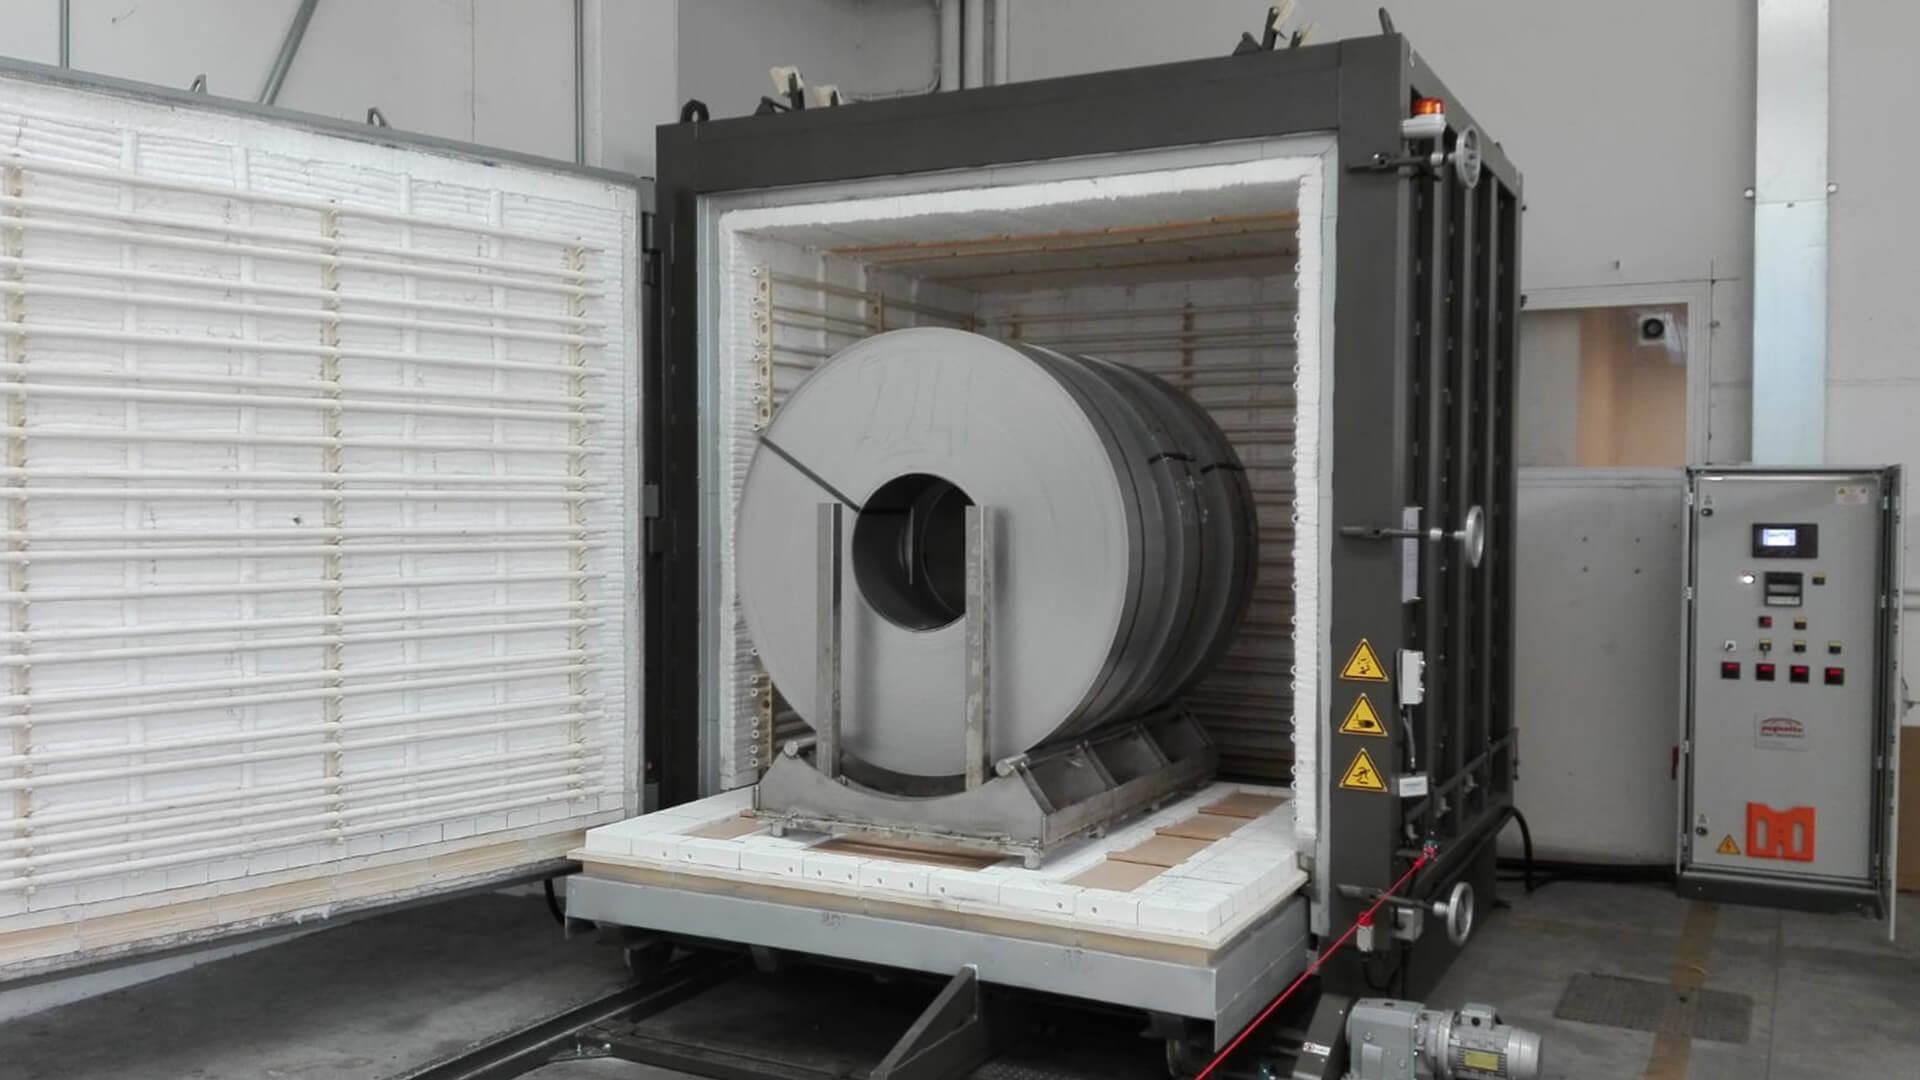 Forno industriale per Forni a carro da rinvenimento, temperatura massima 1000°C | Pagnotta Termomeccanica